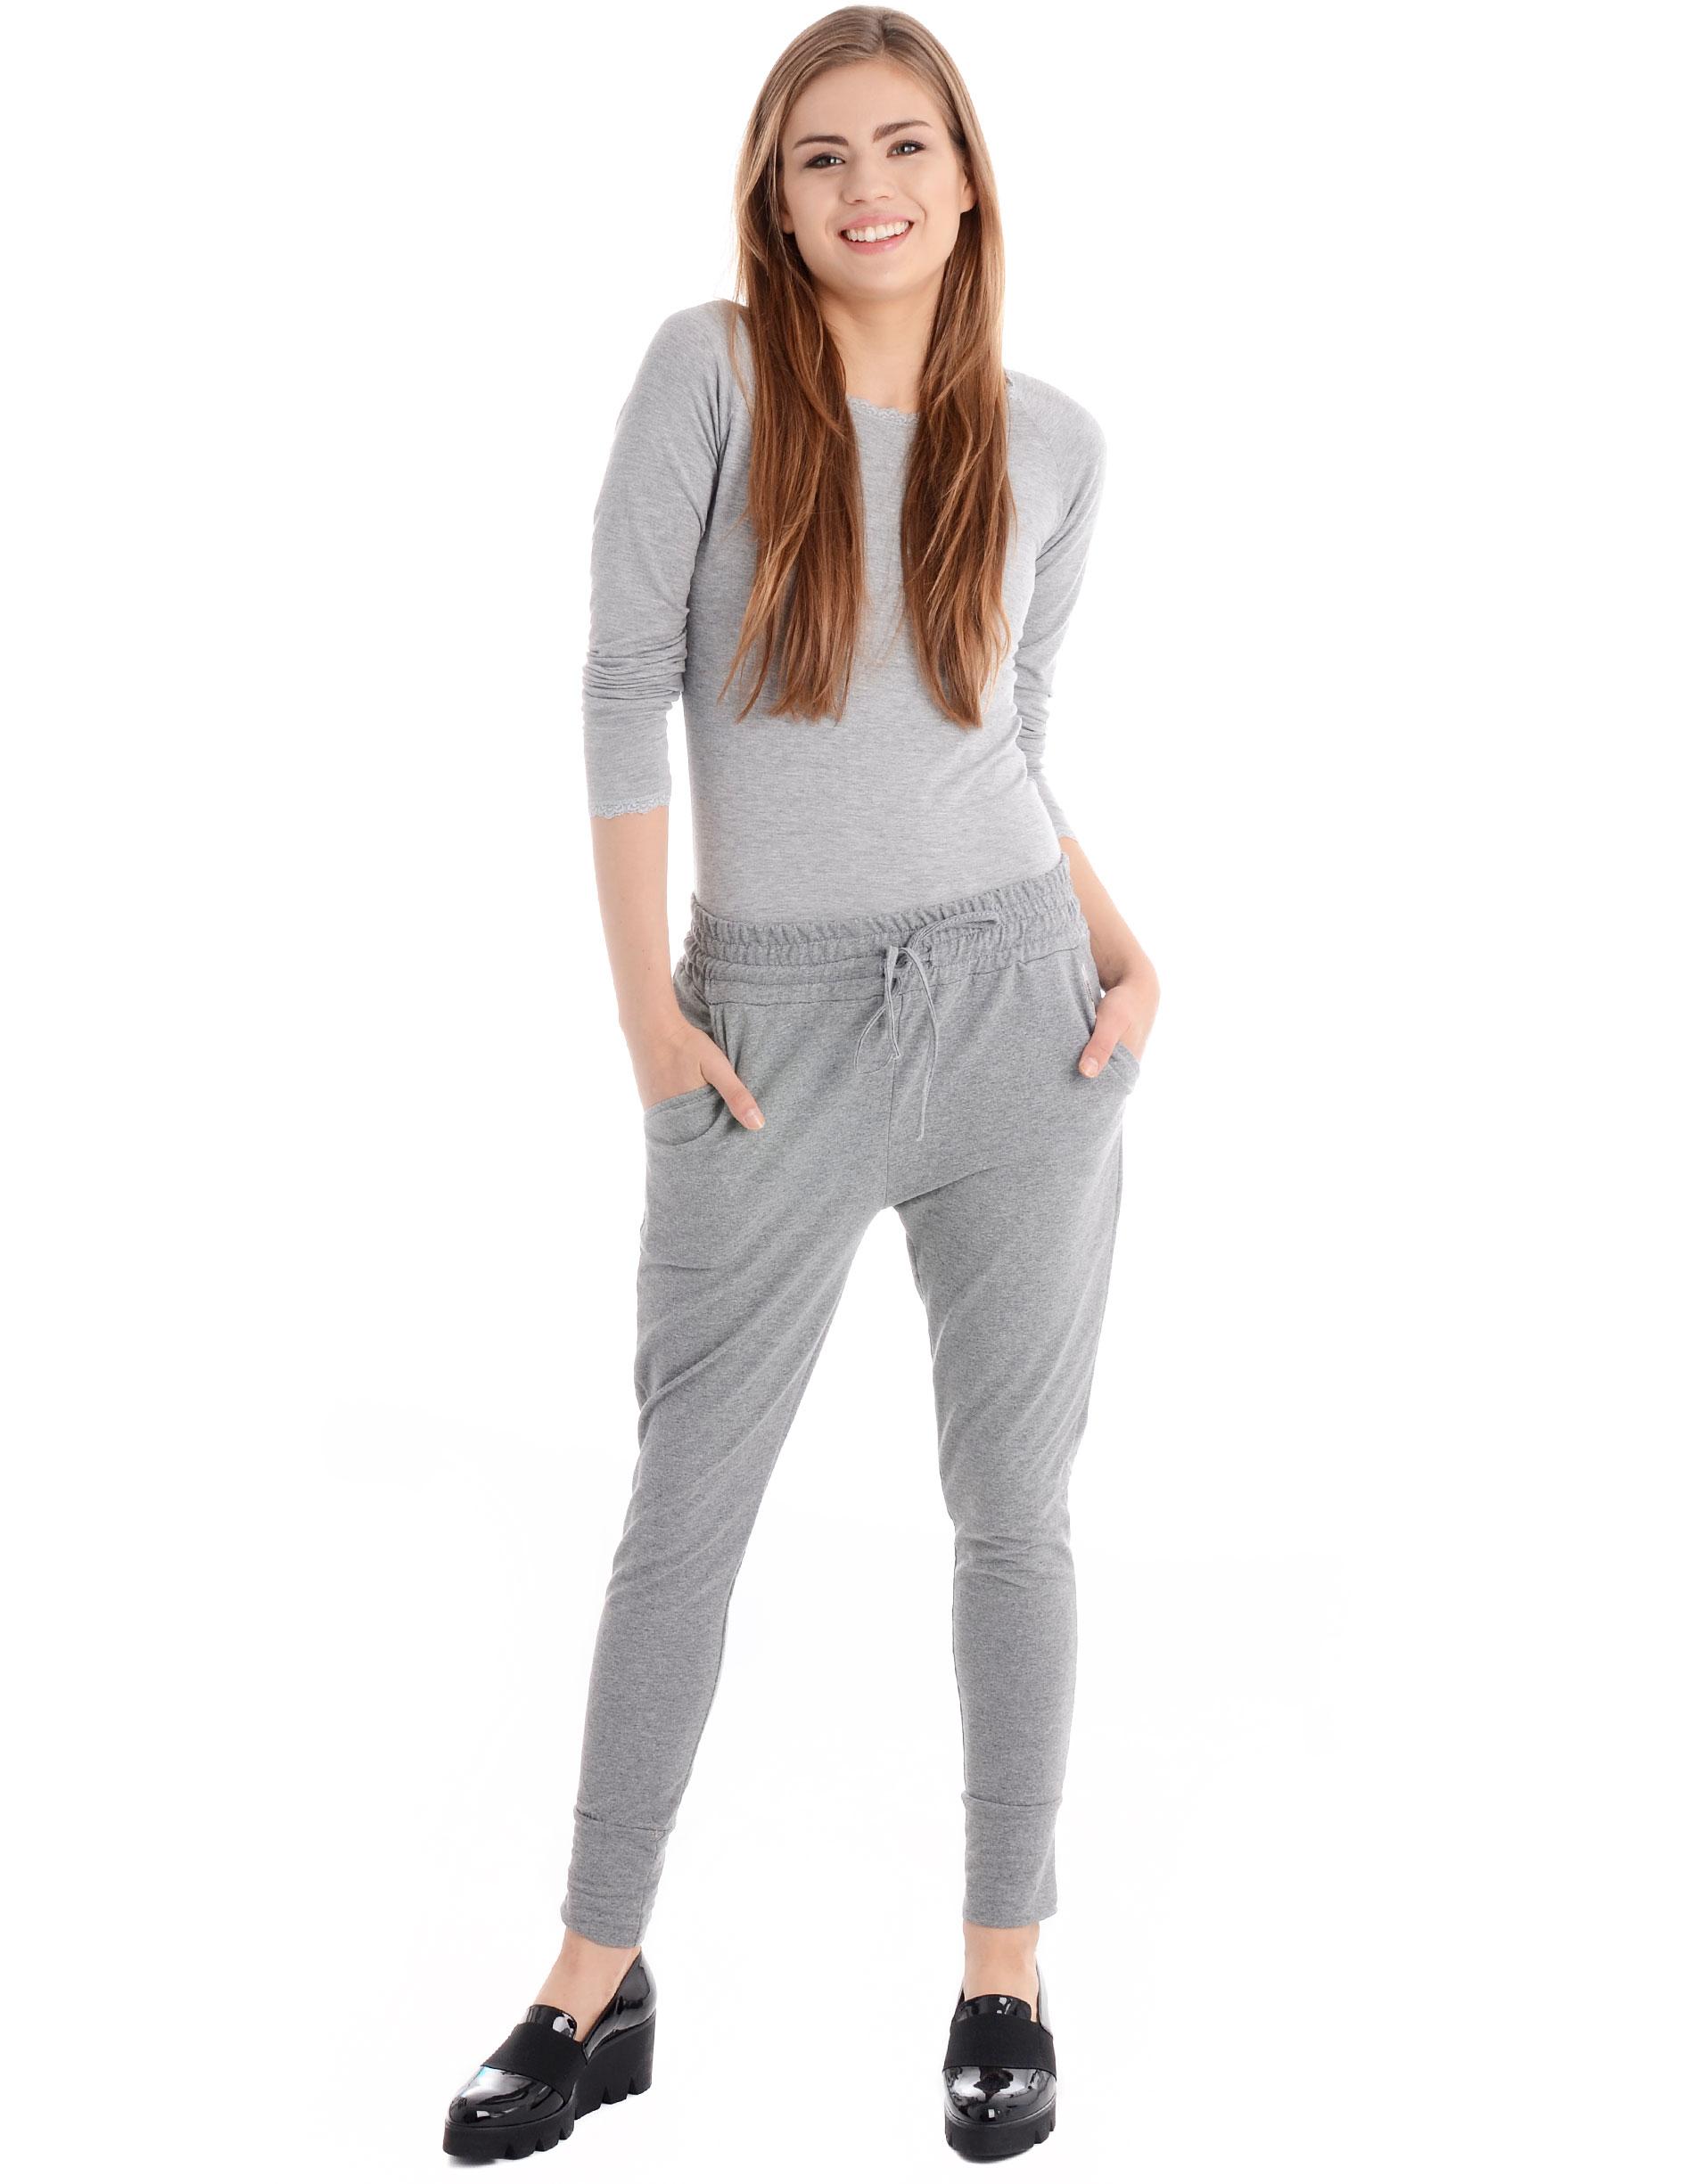 Spodnie - 30-66023 GRME - Unisono